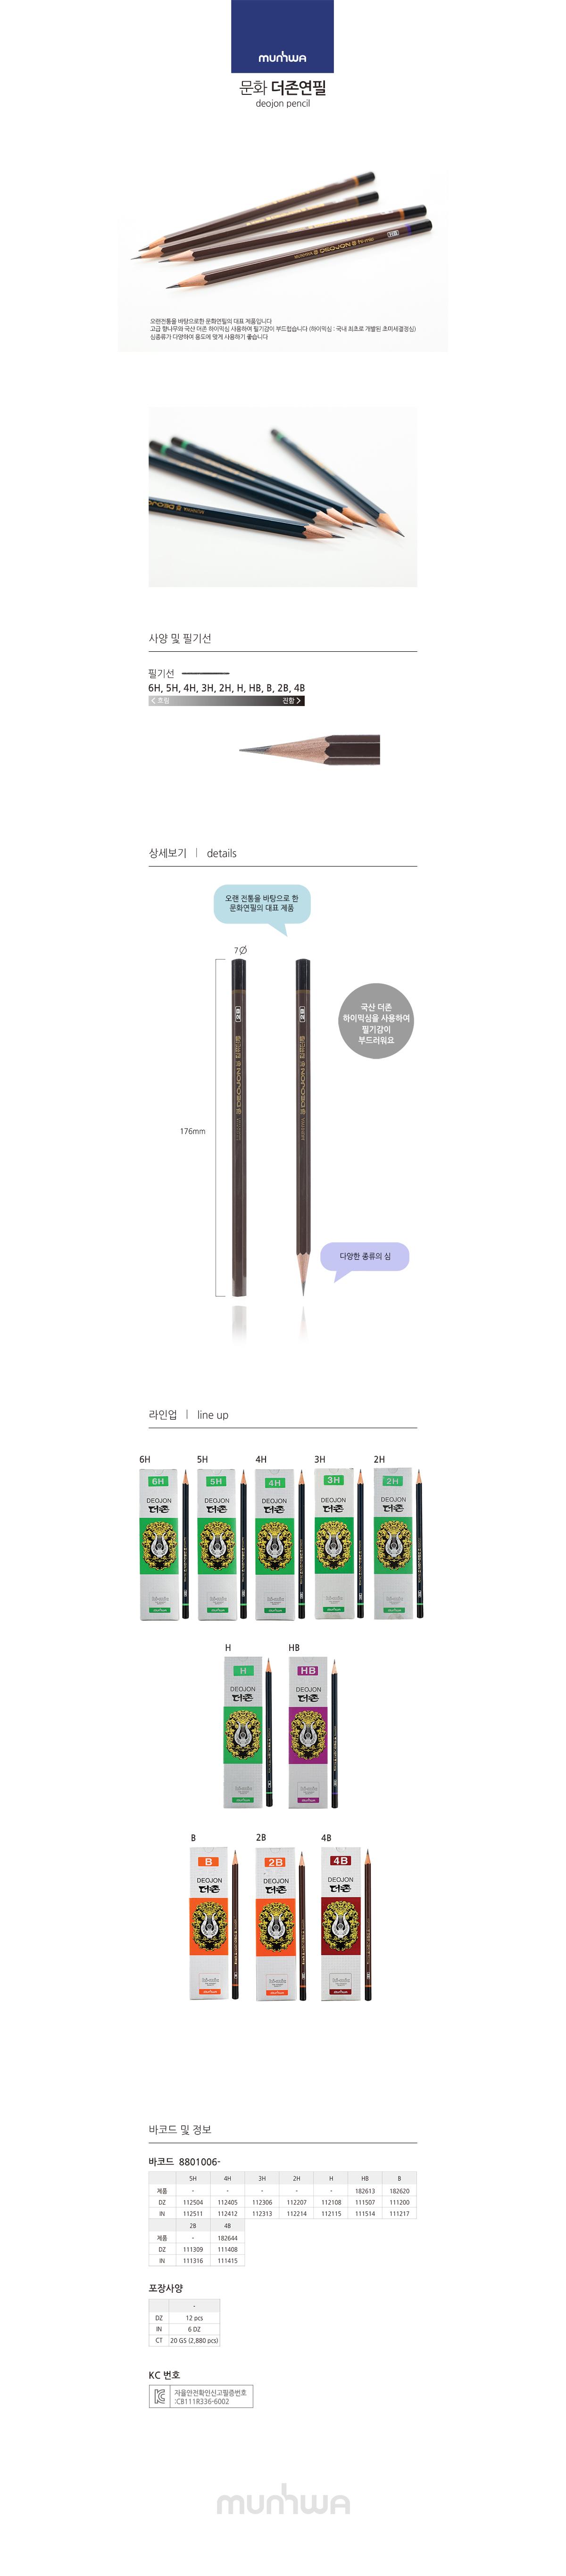 문화 더존 연필(2B 12ea)4,300원-오피스넥스, , , 바보사랑문화 더존 연필(2B 12ea)4,300원-오피스넥스, , , 바보사랑